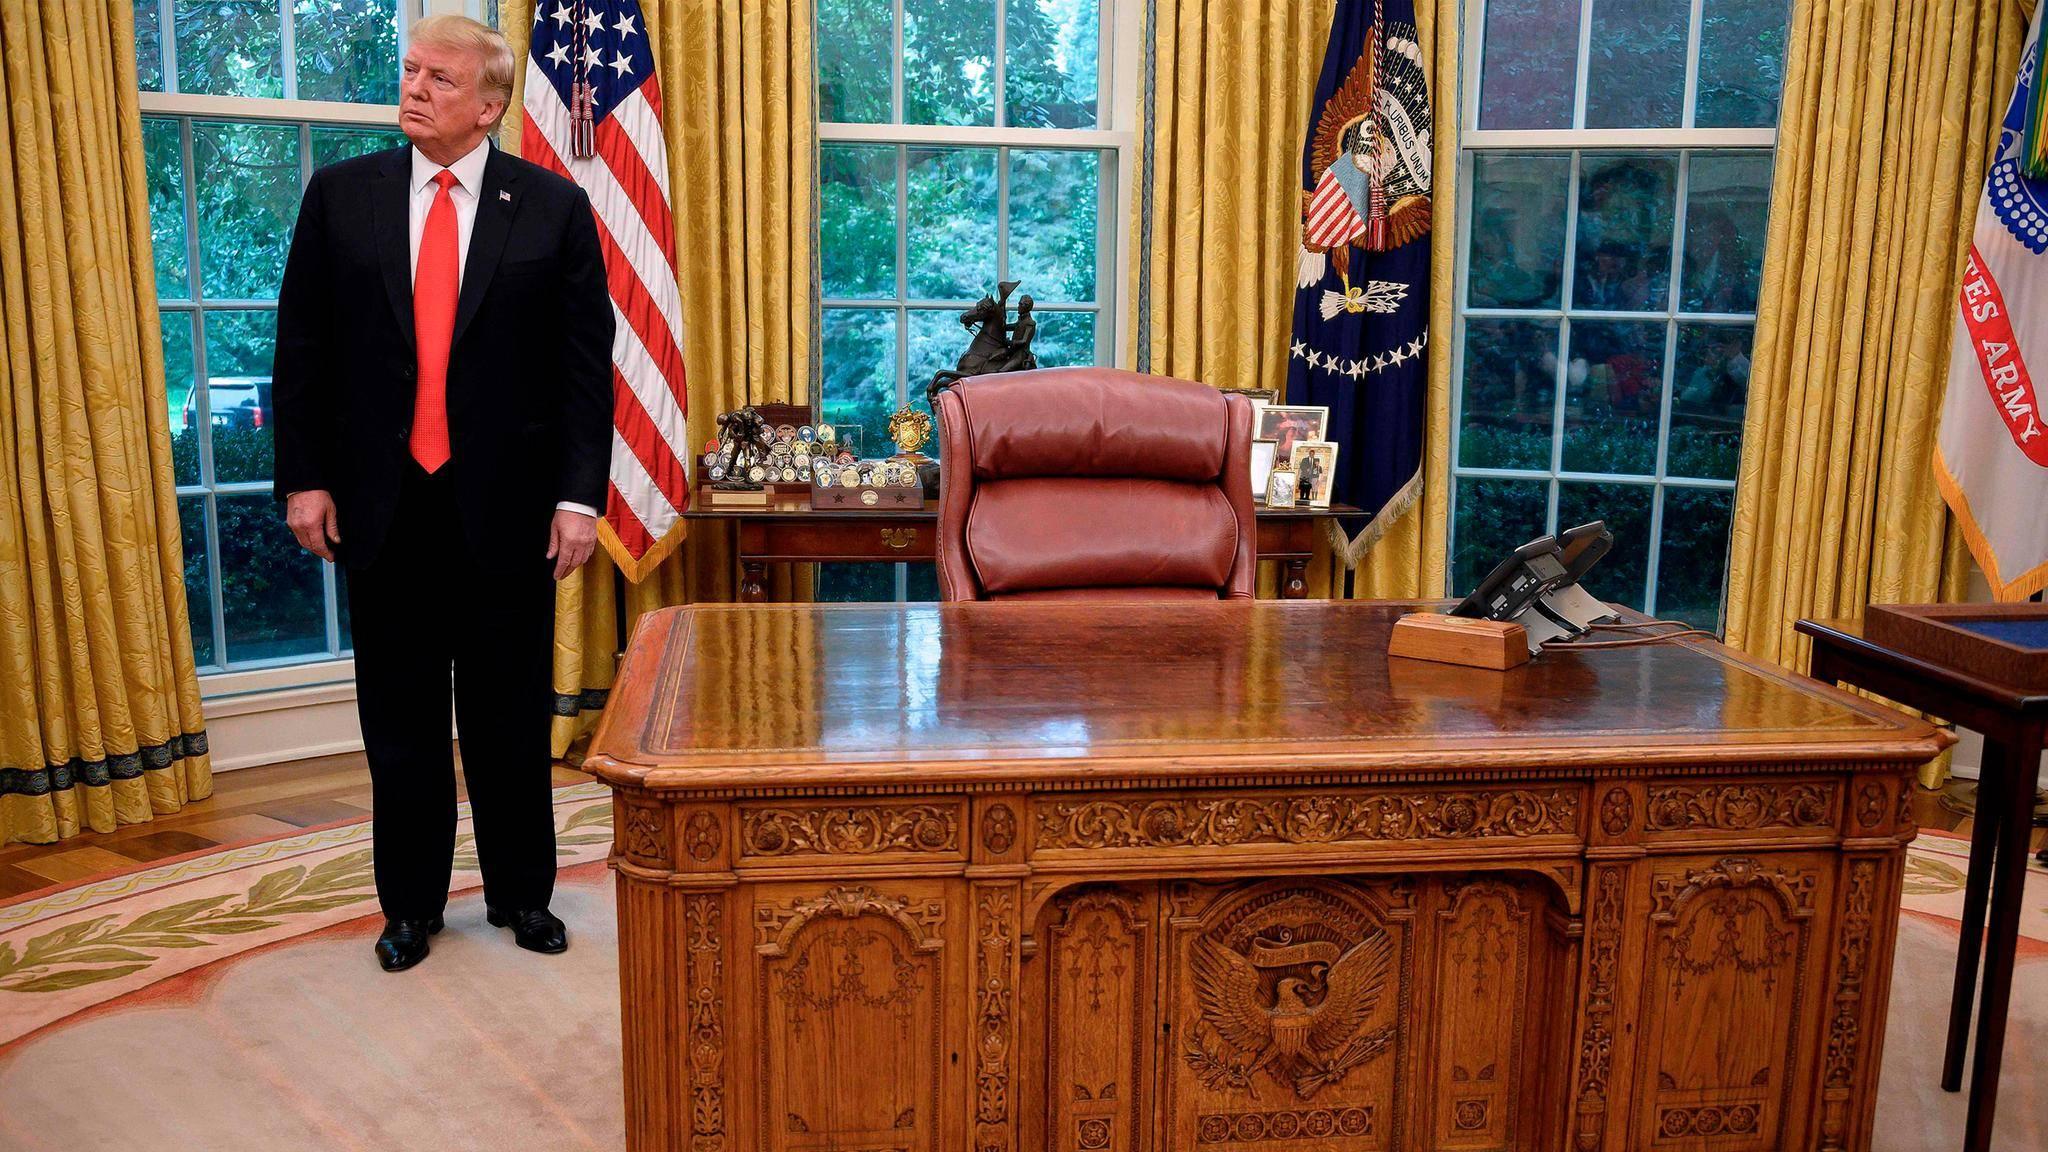 Warum Donald Trump Das Oval Office Offenbar Zunehmend Meidet Stern De